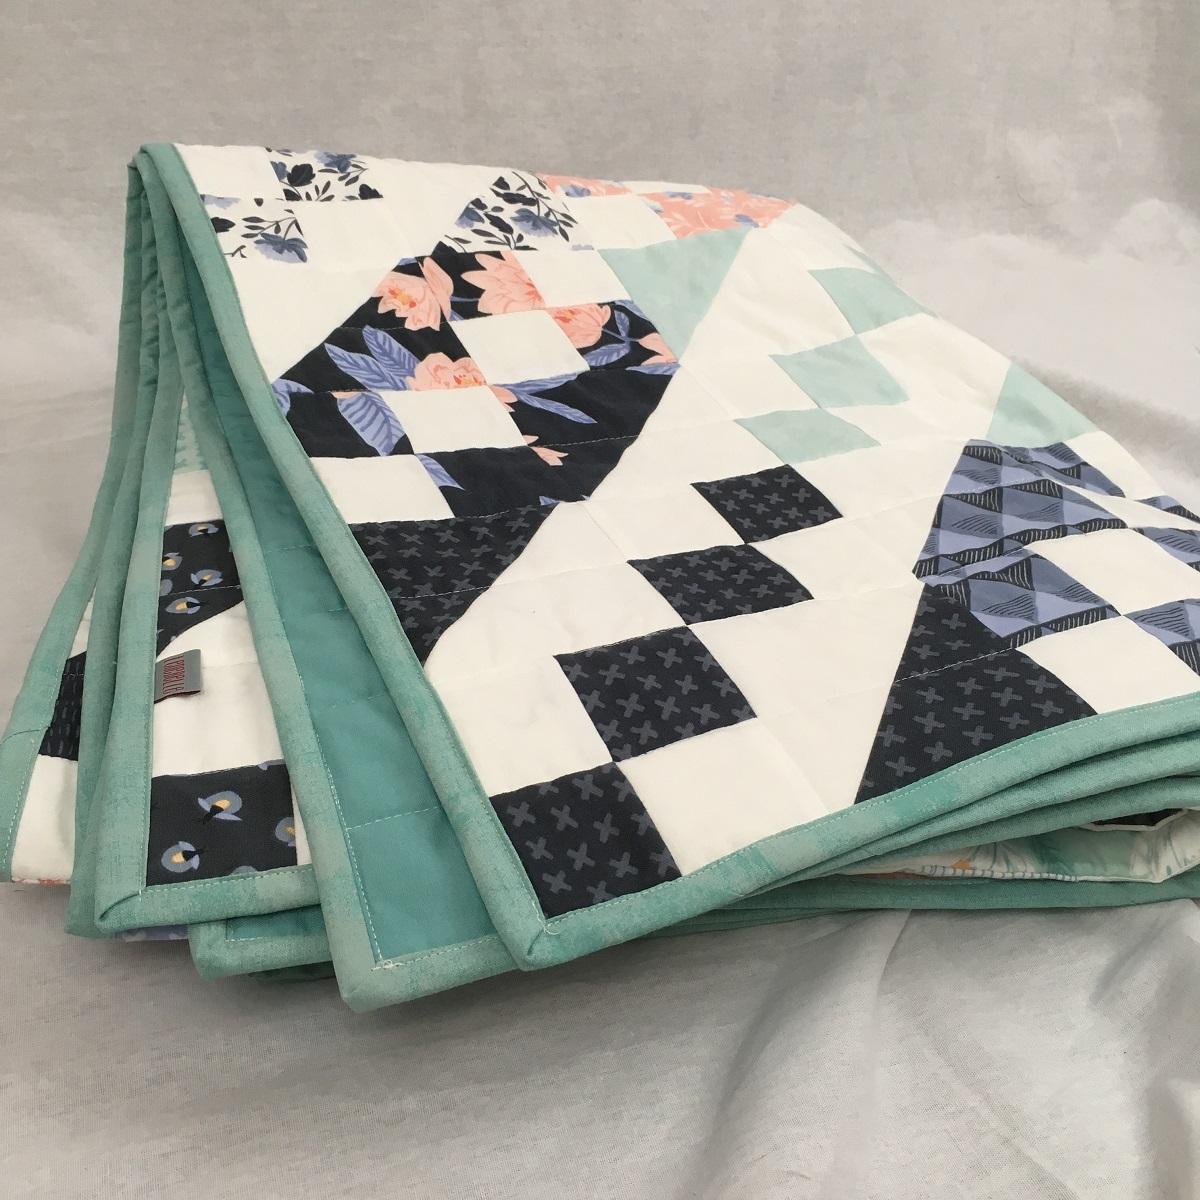 Jane's Ladder Quilt - eine Decke der besonderen Art